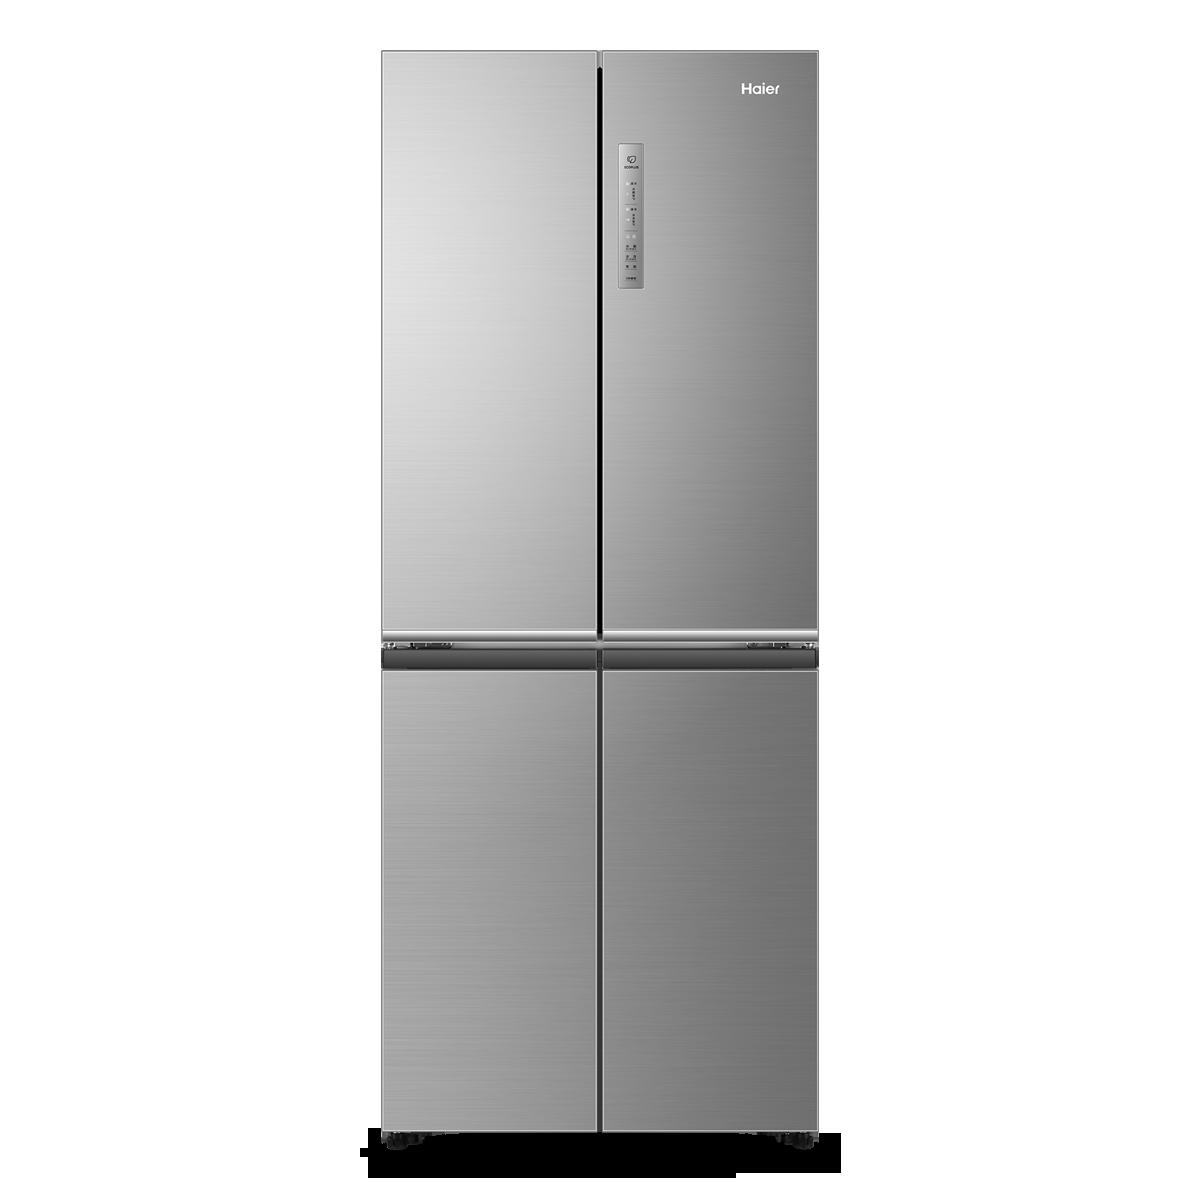 海尔Haier冰箱 BCD-406WDPD 说明书